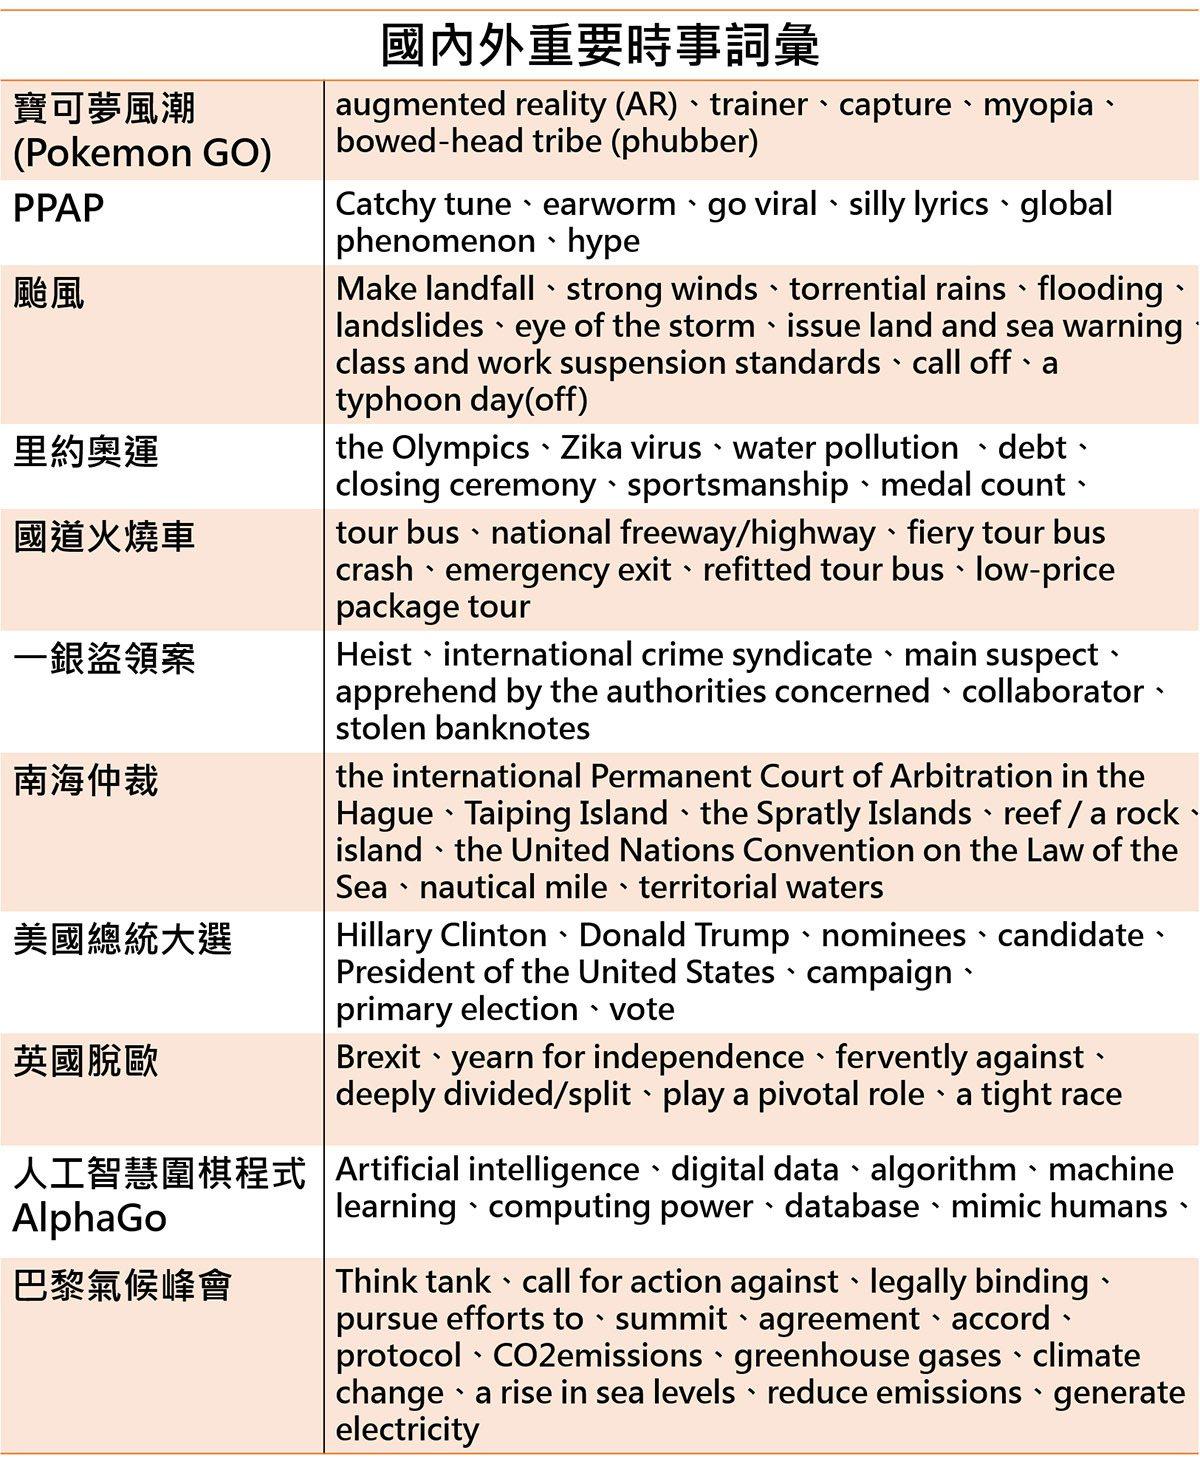 國內外重要時事詞彙/StudyBank提供